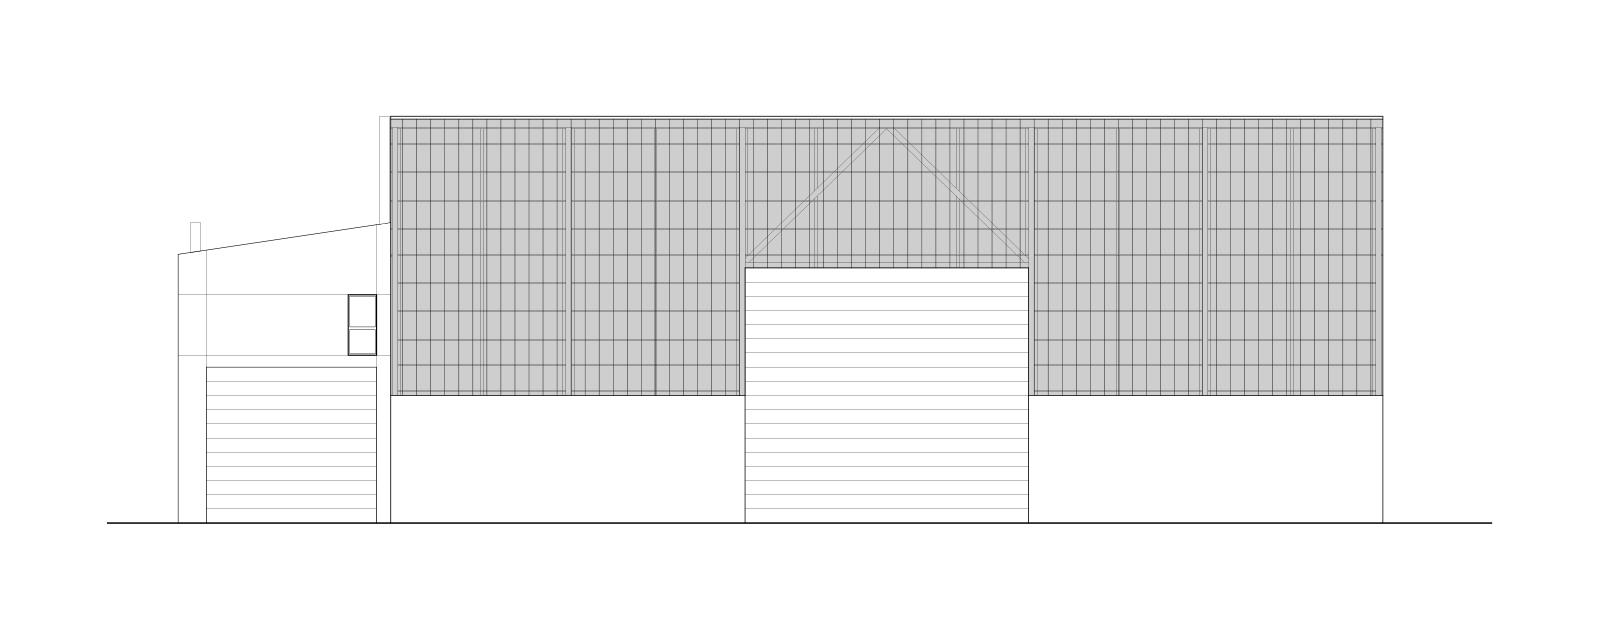 Centre de tri des métaux – Création d'une halle de manutention avec un logement de fonction, La Chaux-de-Fonds